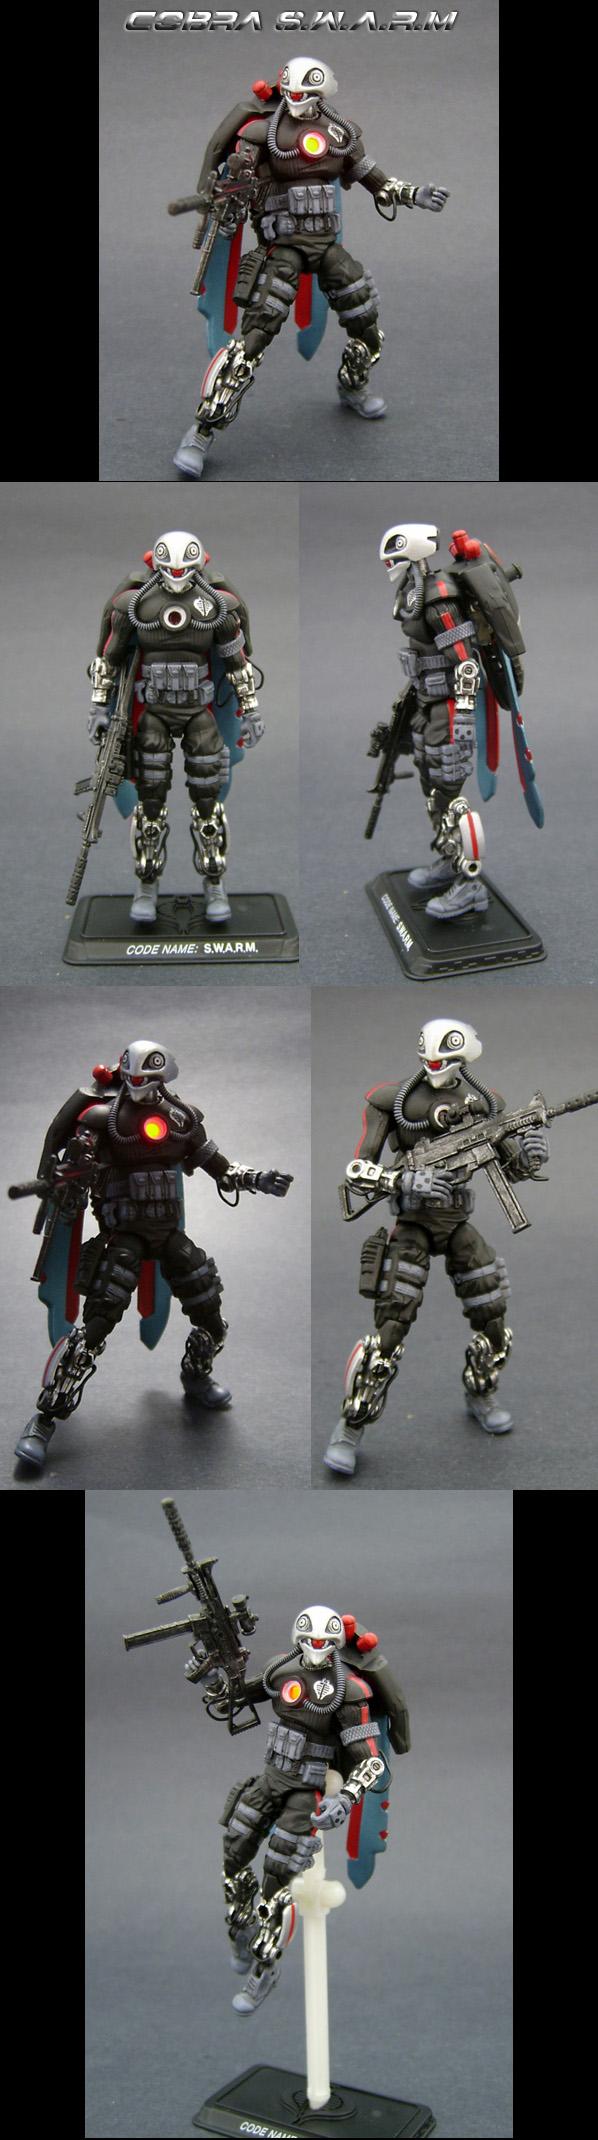 Cobra S.W.A.R.M.